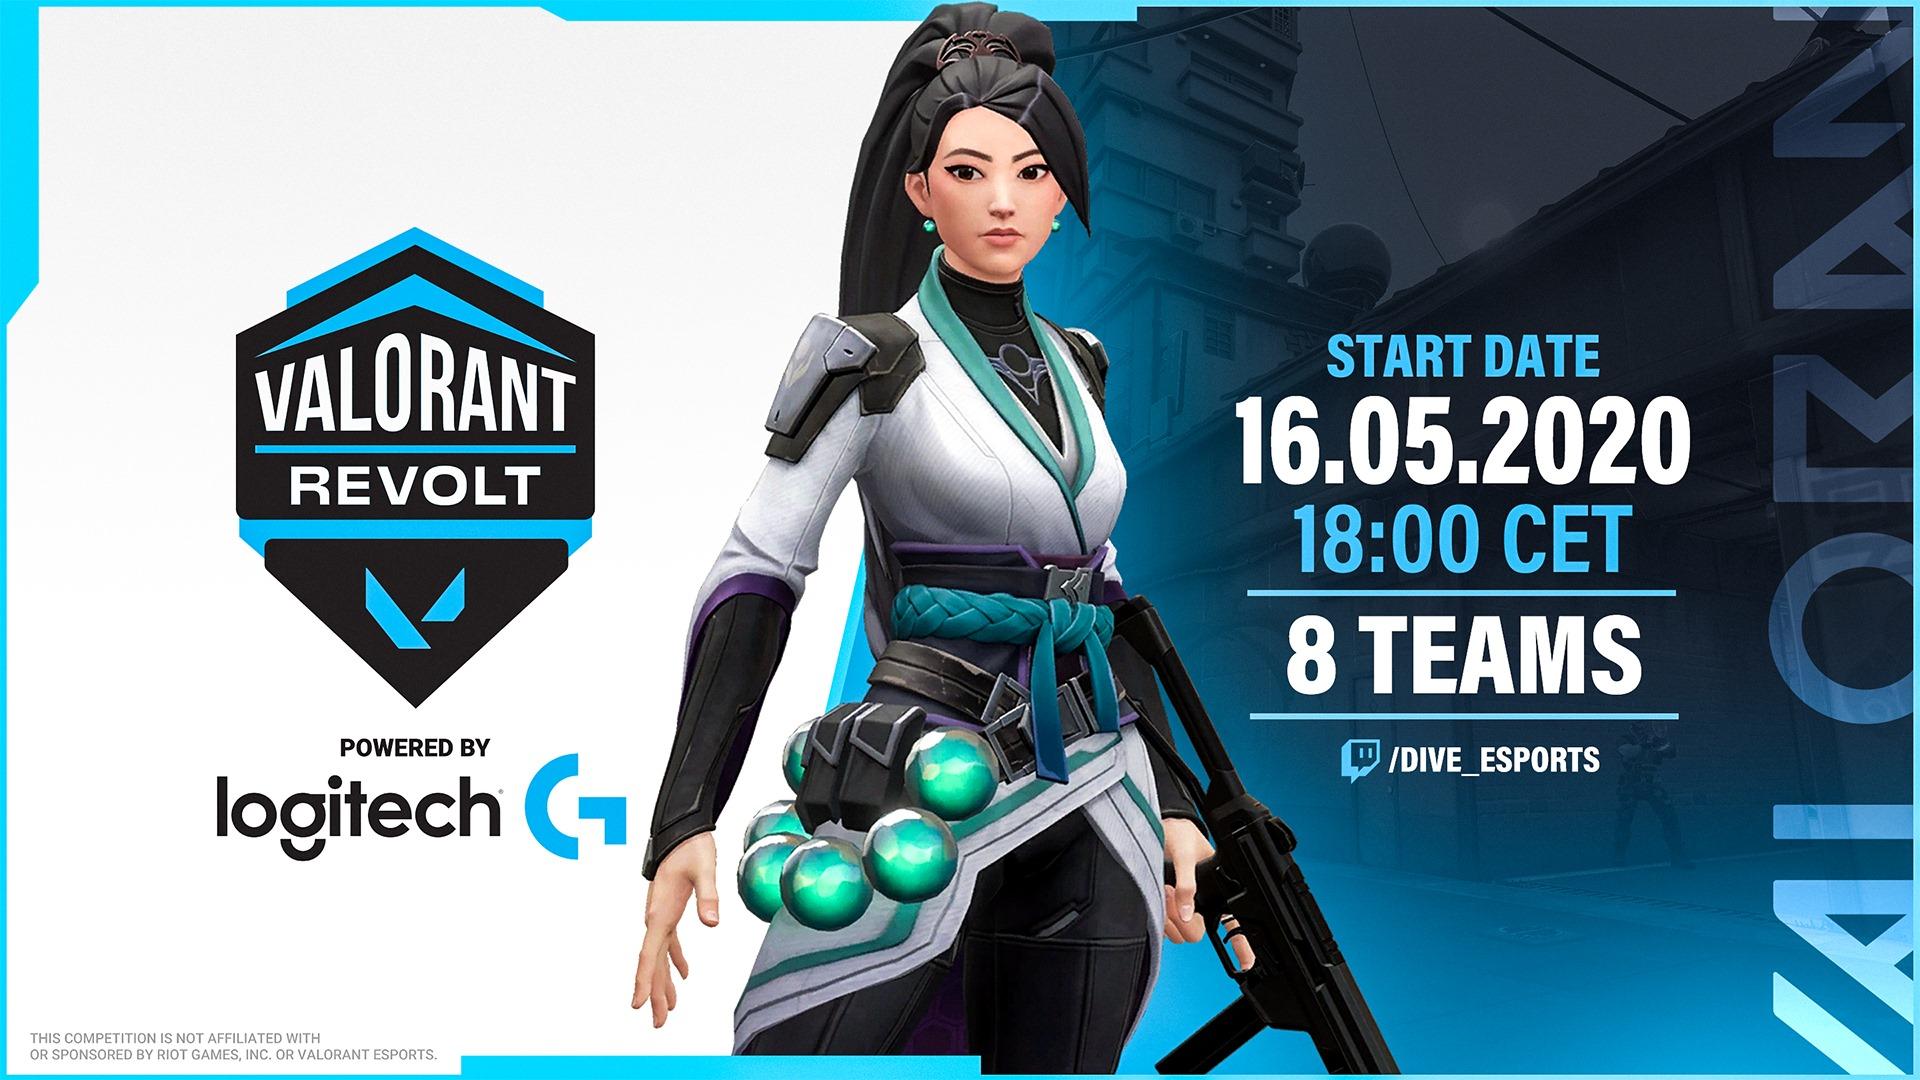 La locandina di Valorant Report, torneo organizzato da Dive Esports e sponsorizzato Logitech